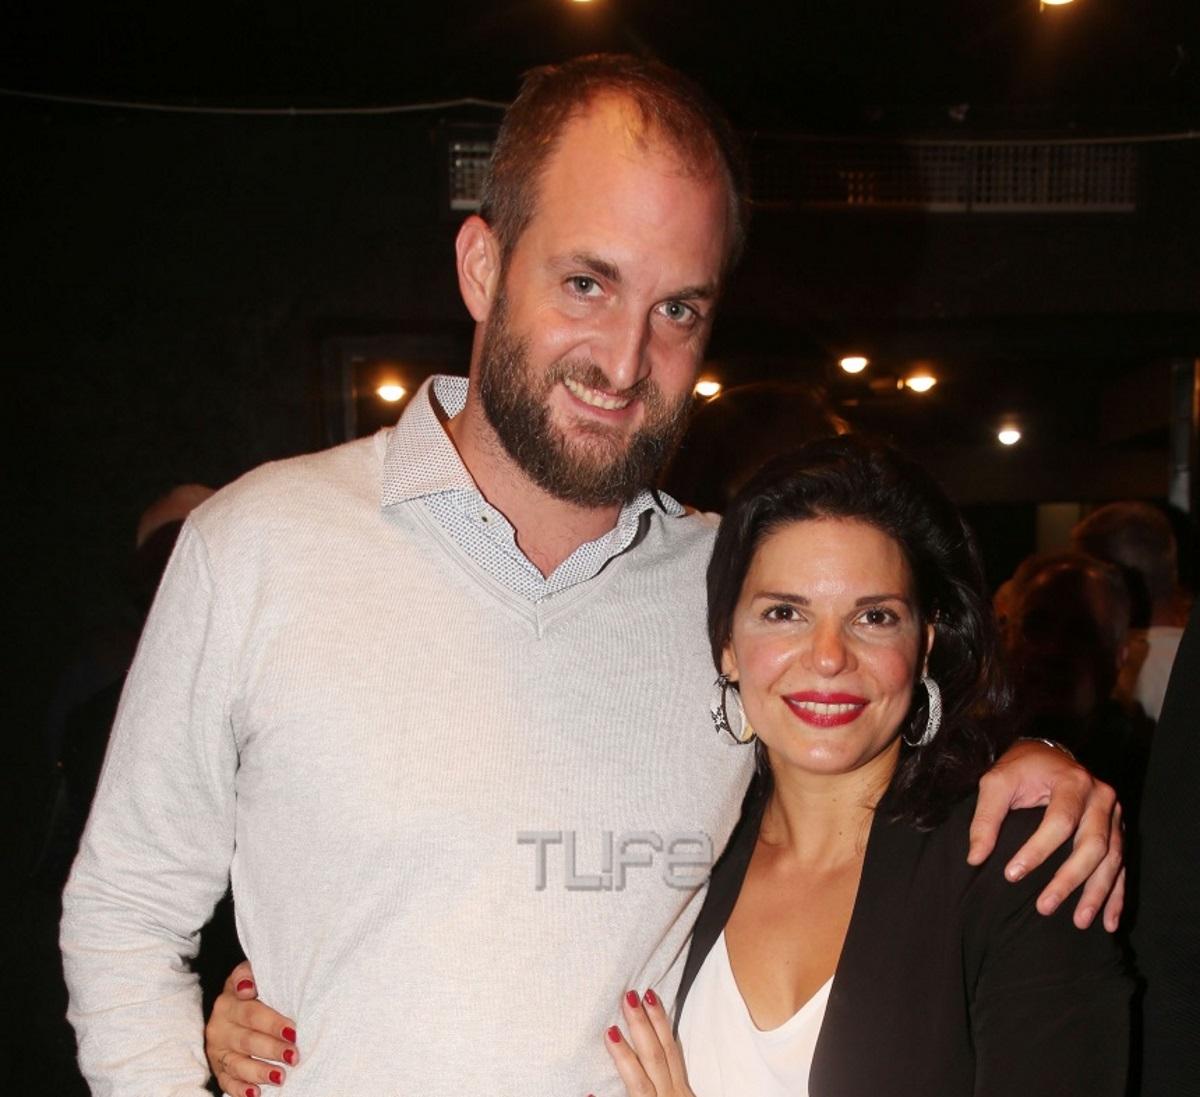 Μαρίνα Ασλάνογλου: Πρεμιέρα στο θέατρο με τον γοητευτικό άντρα της στο πλευρό της! Φωτογραφίες